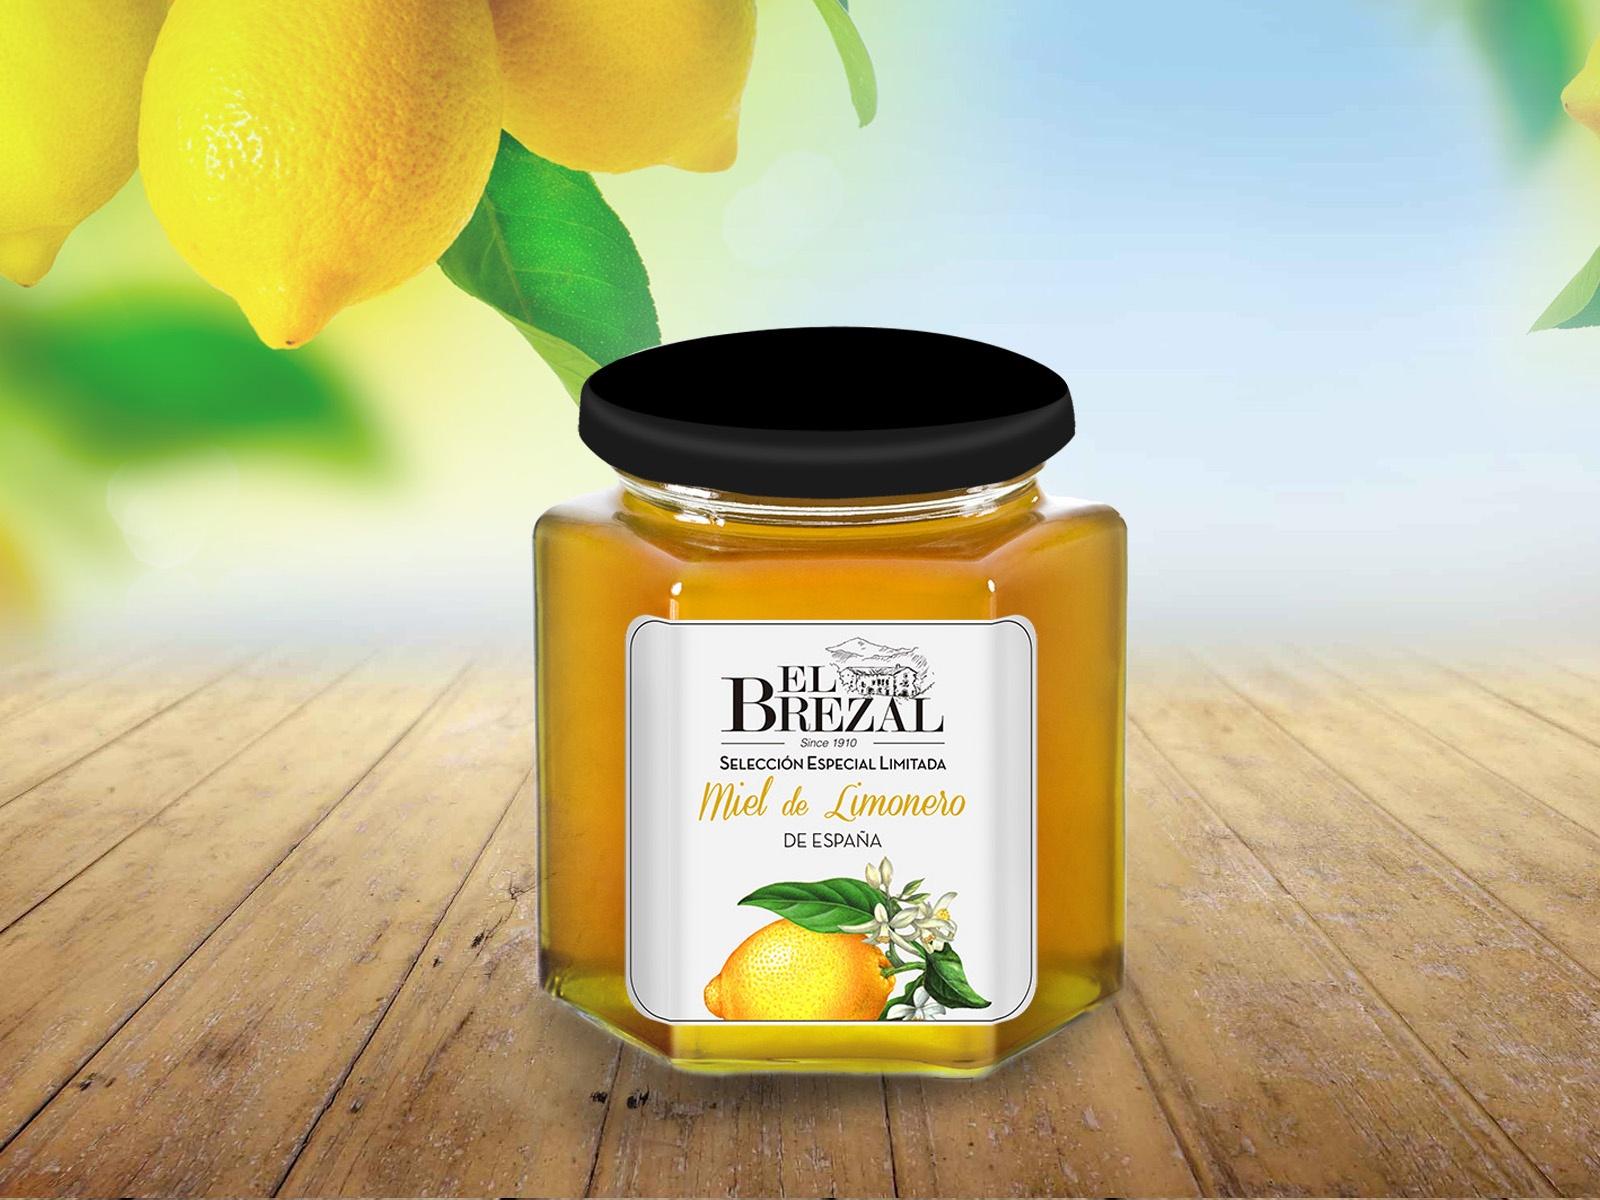 tarro de miel de limonero